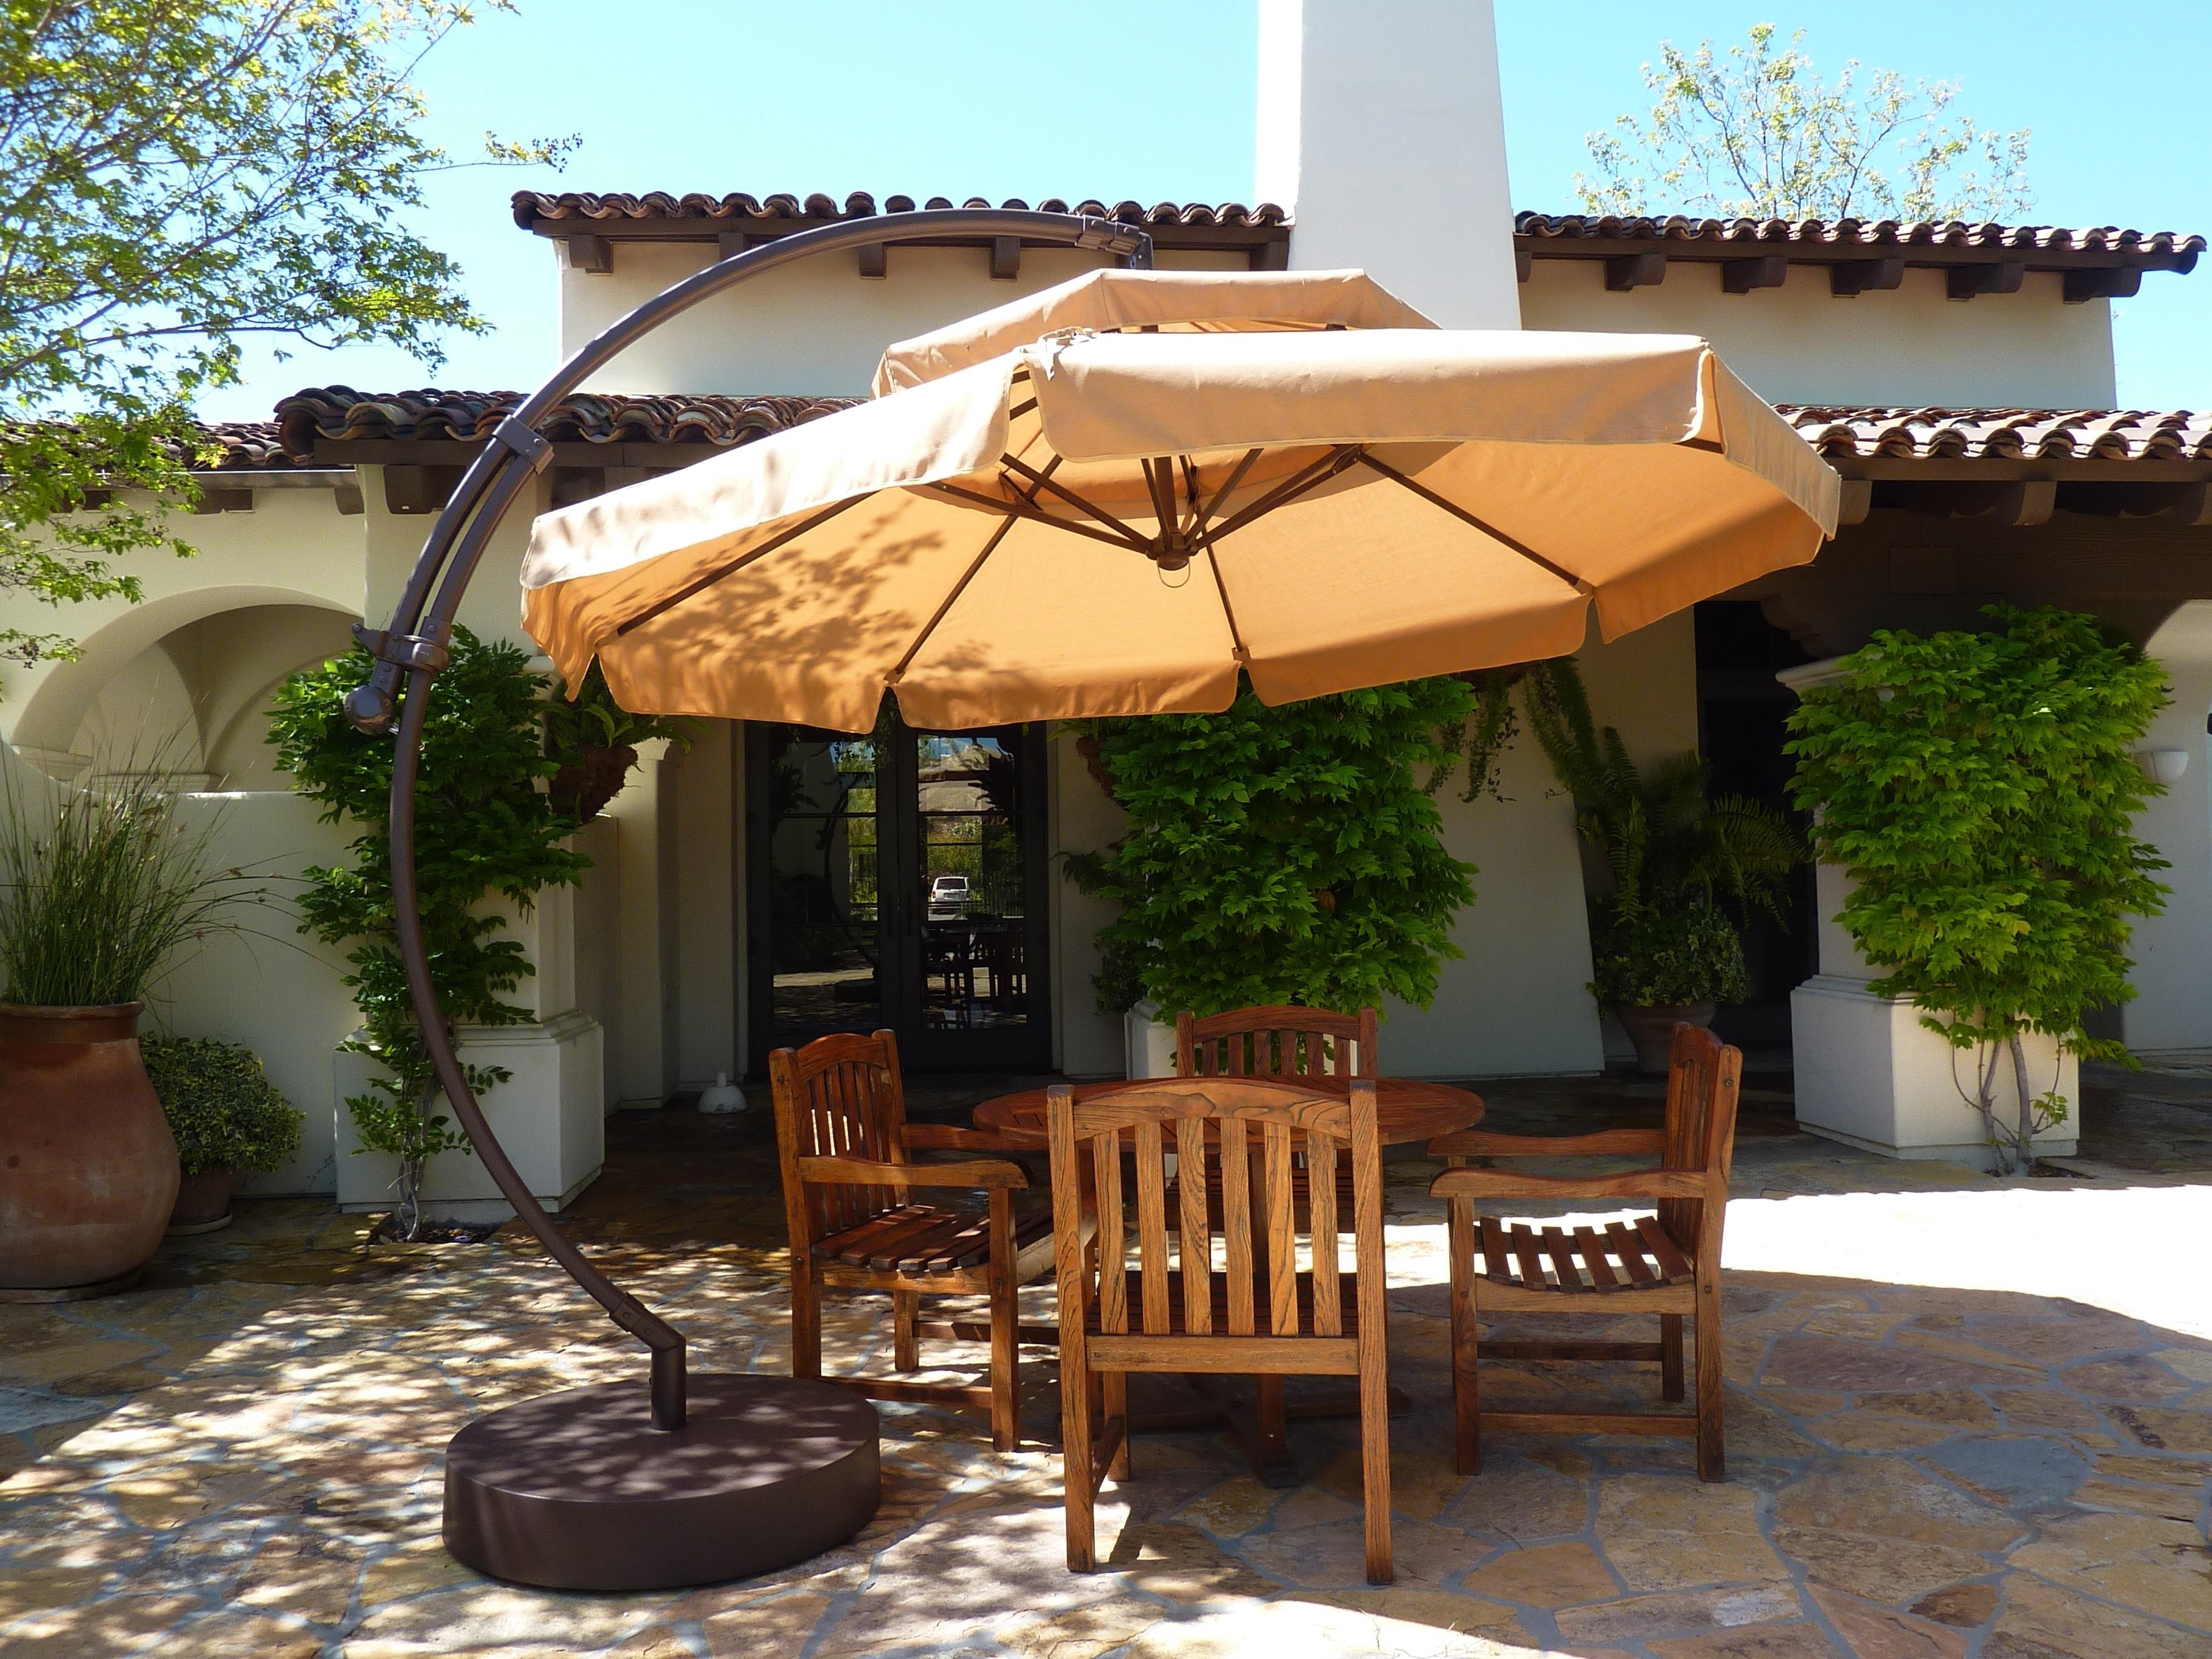 10 Ft Patio Umbrellas Regarding Current Furniture: 10Ft Cantilever Umbrellas Patio Umbrella Target Patio (View 3 of 20)